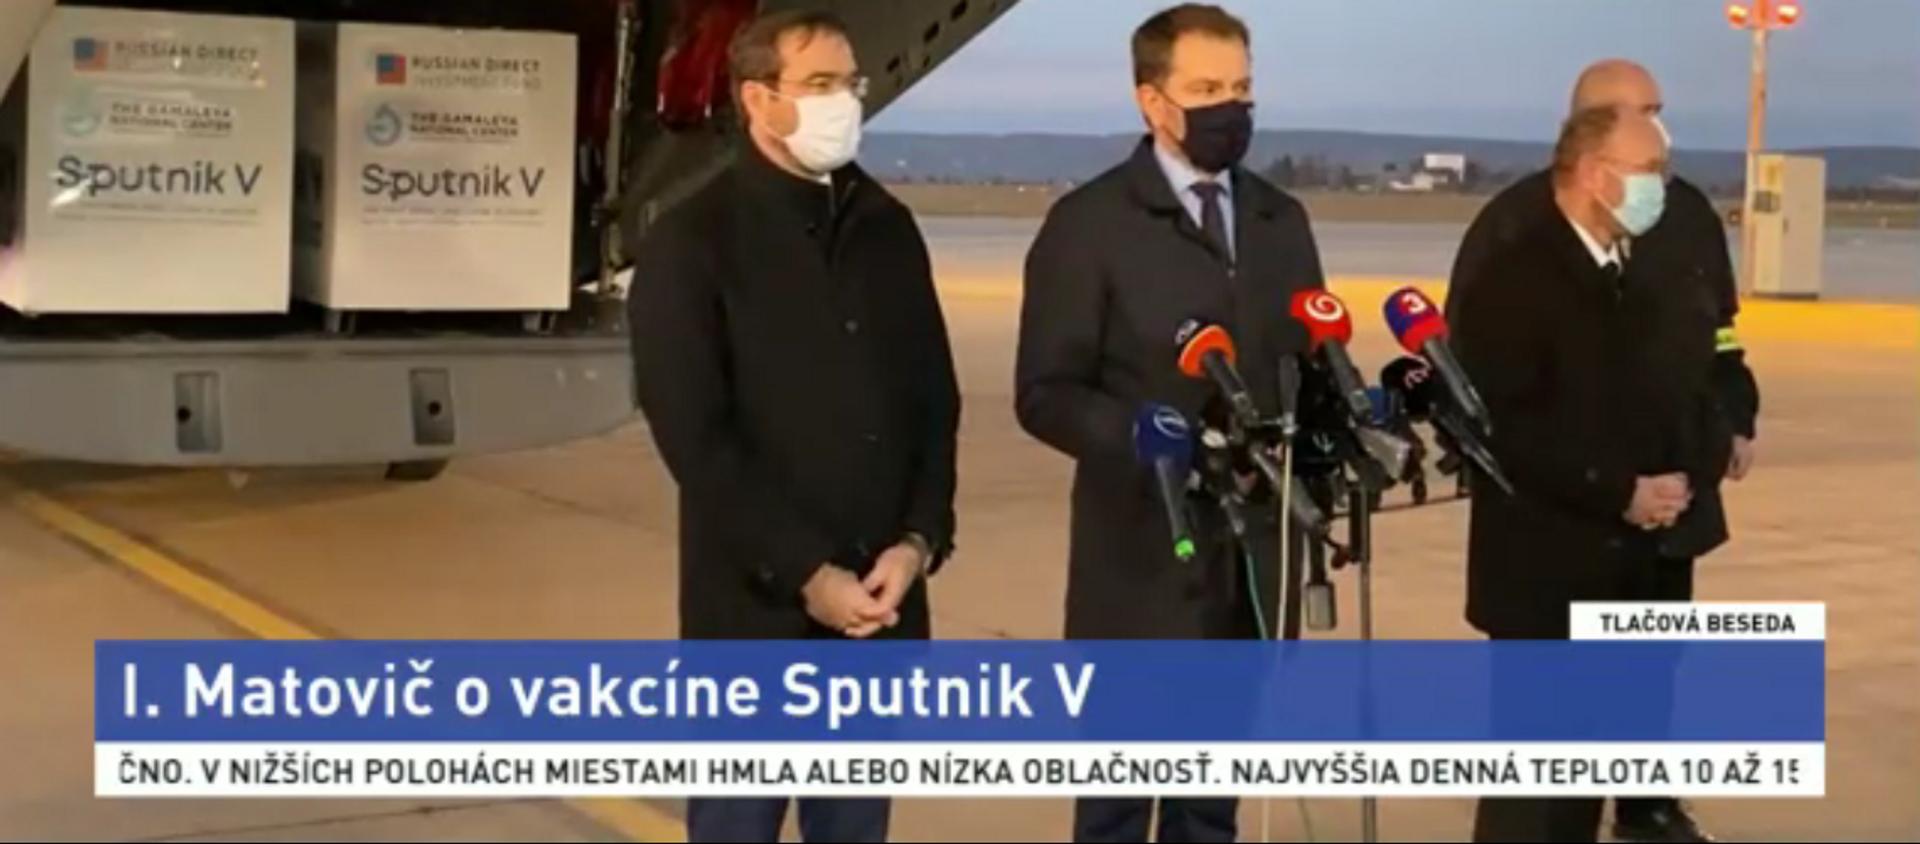 Szczepionka Sputnik V przybyła na Słowację - Sputnik Polska, 1920, 01.03.2021